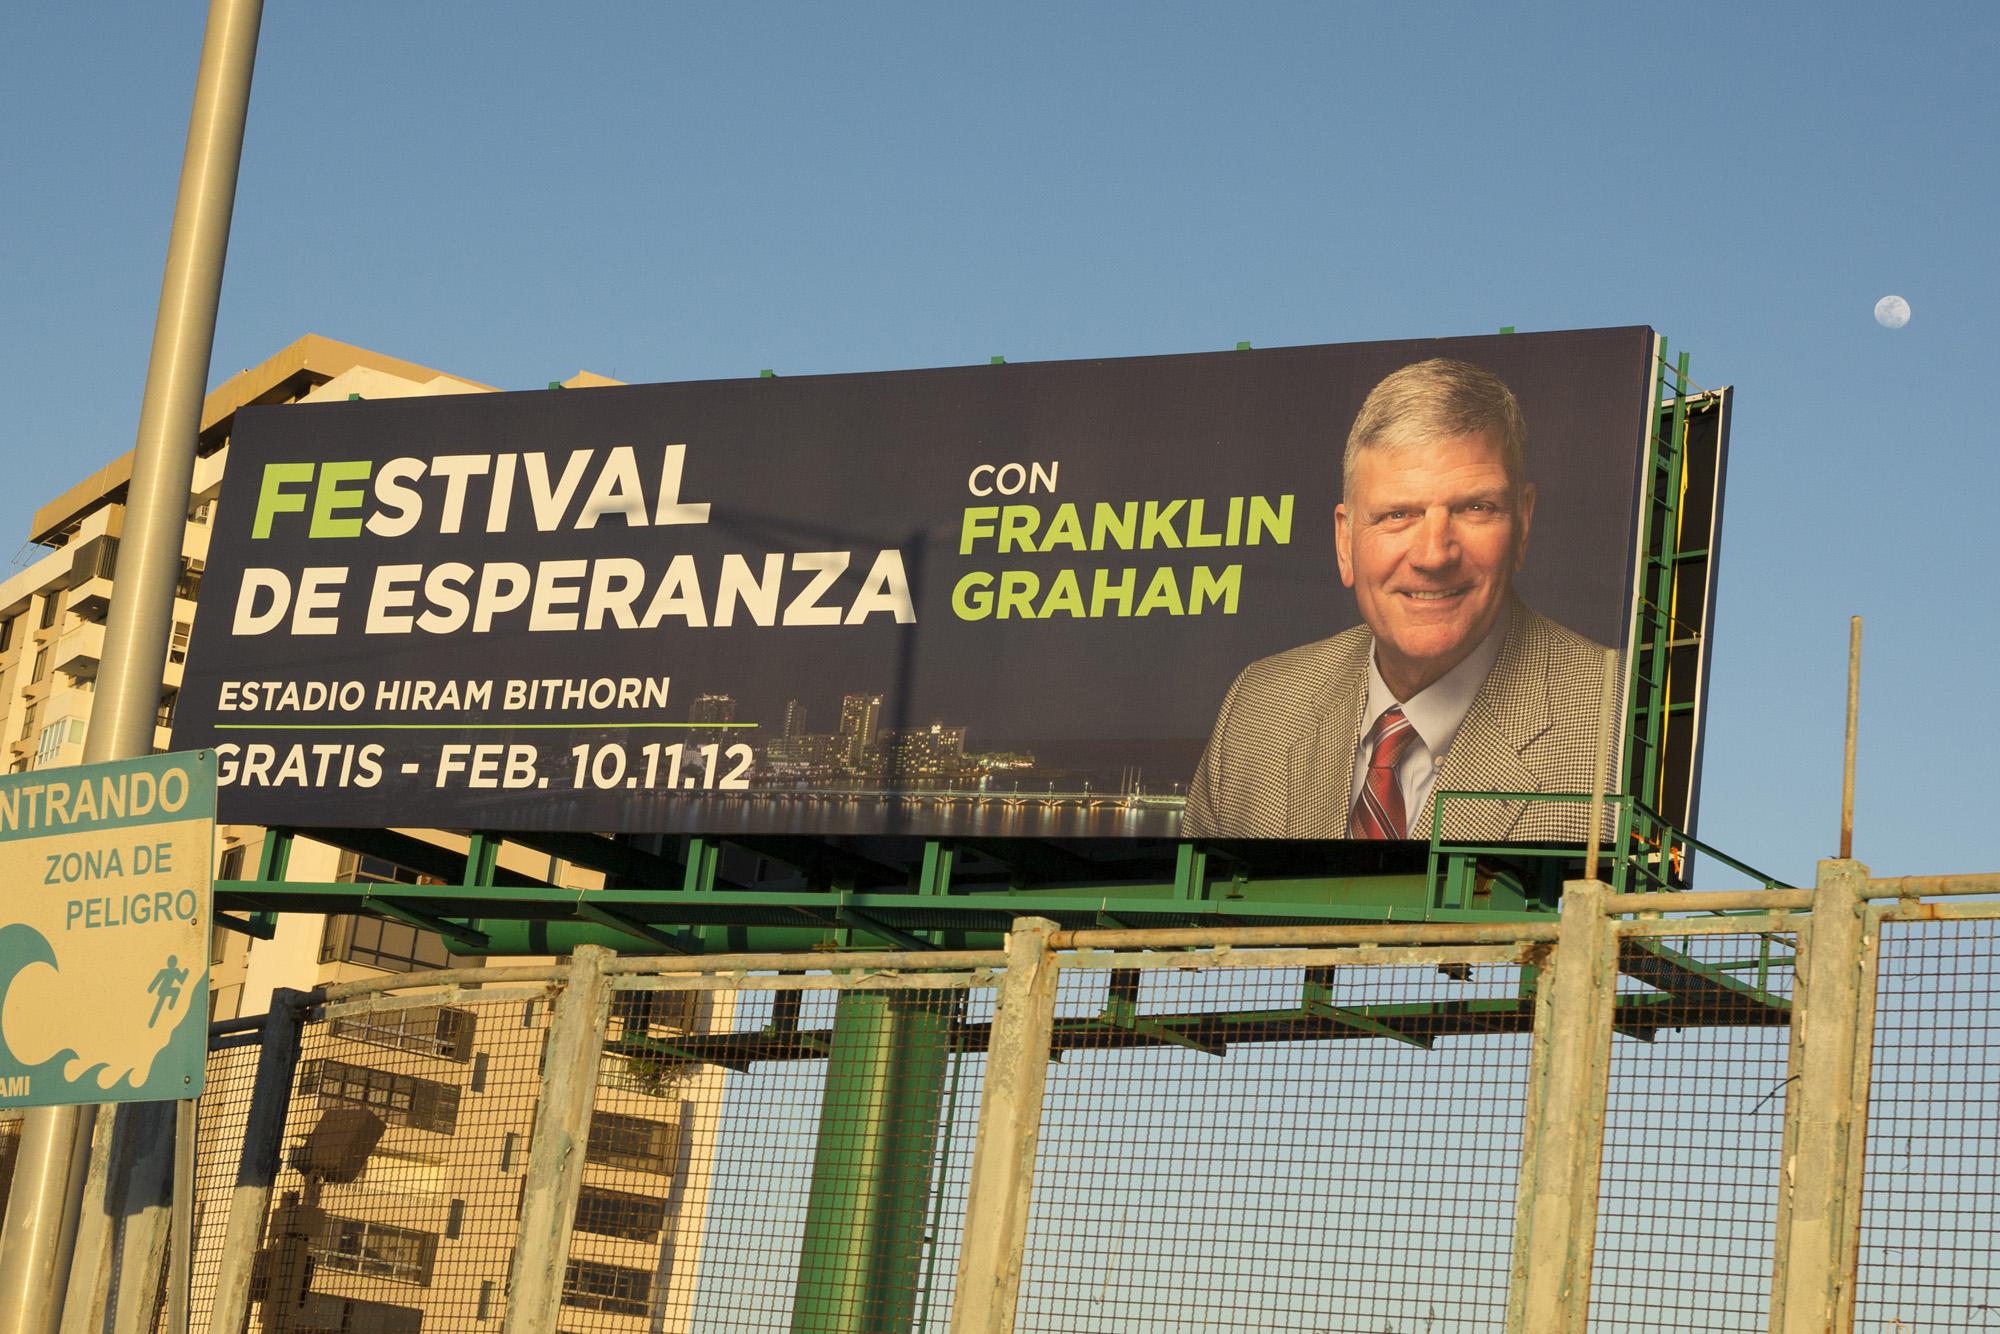 Franklin Graham Festival San Juan Puerto Rico 2017